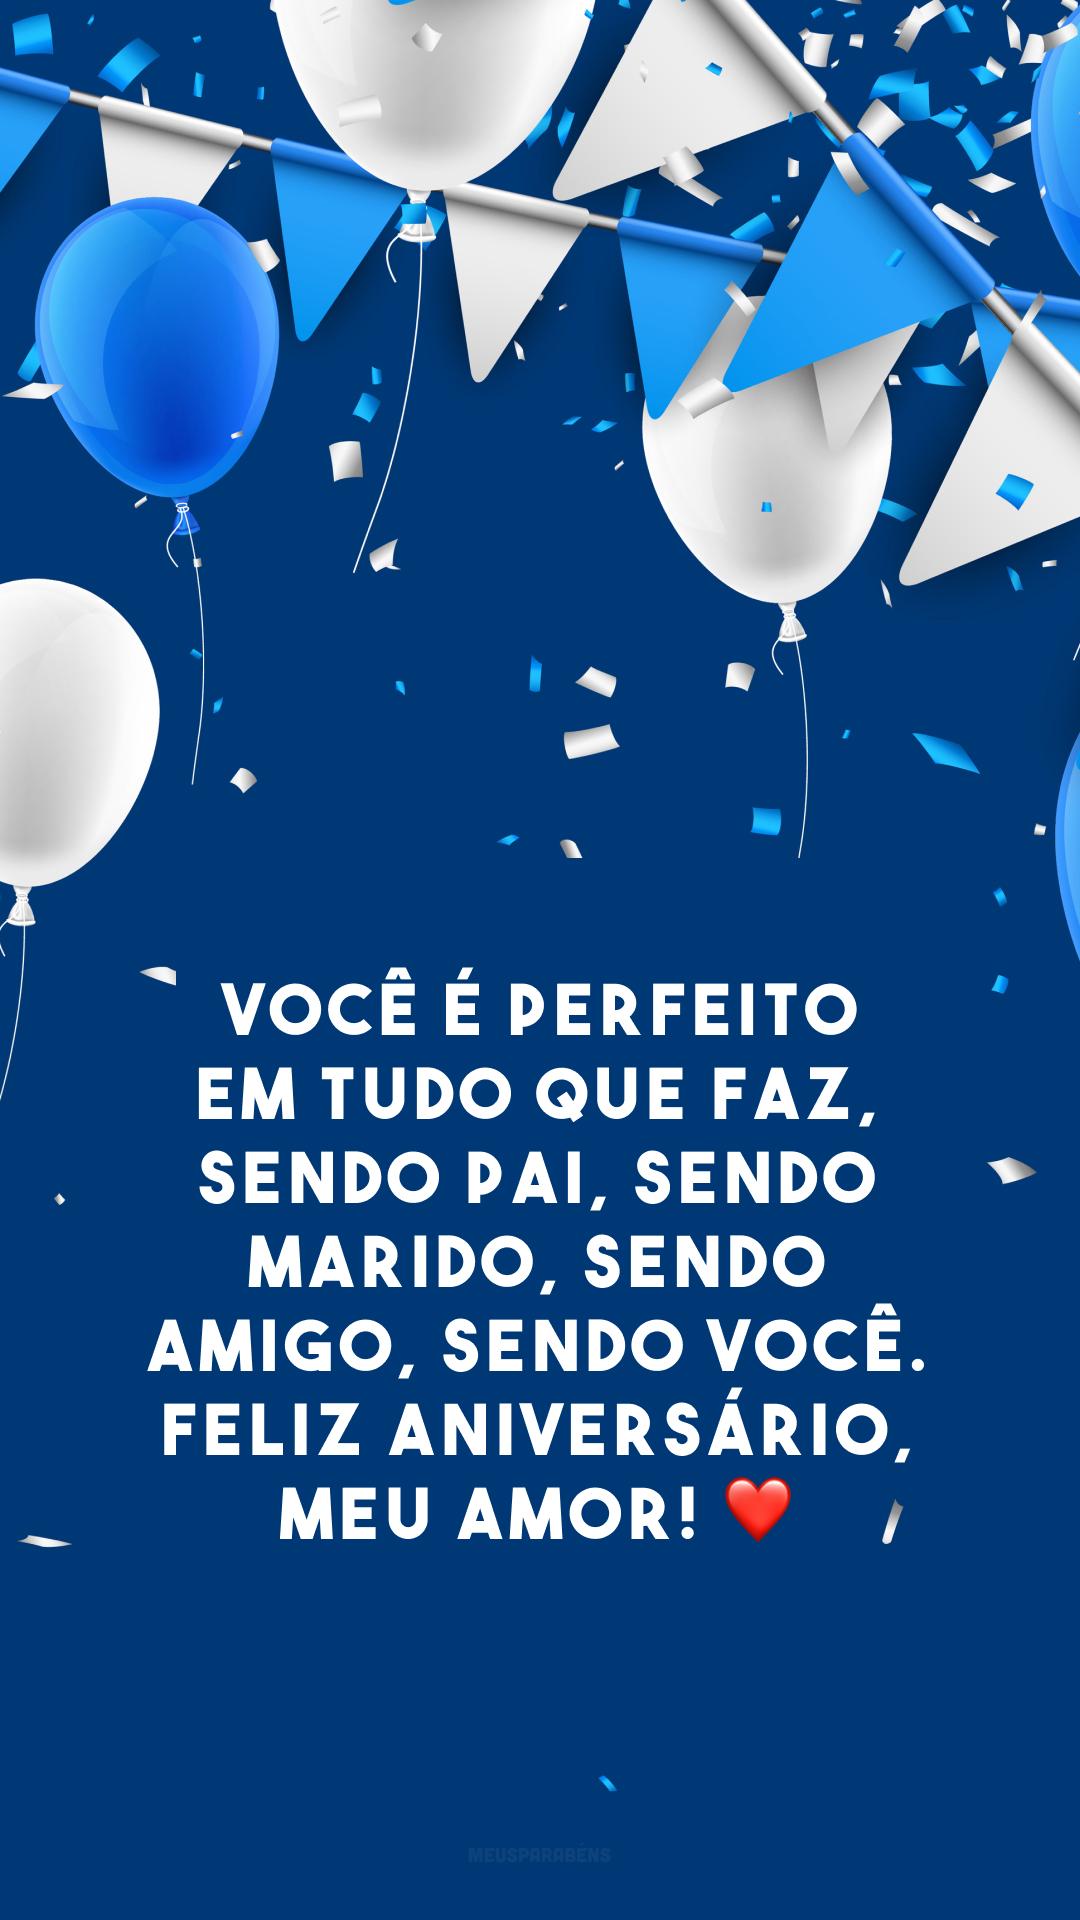 Você é perfeito em tudo que faz, sendo pai, sendo marido, sendo amigo, sendo você. Feliz aniversário, meu amor! ❤️